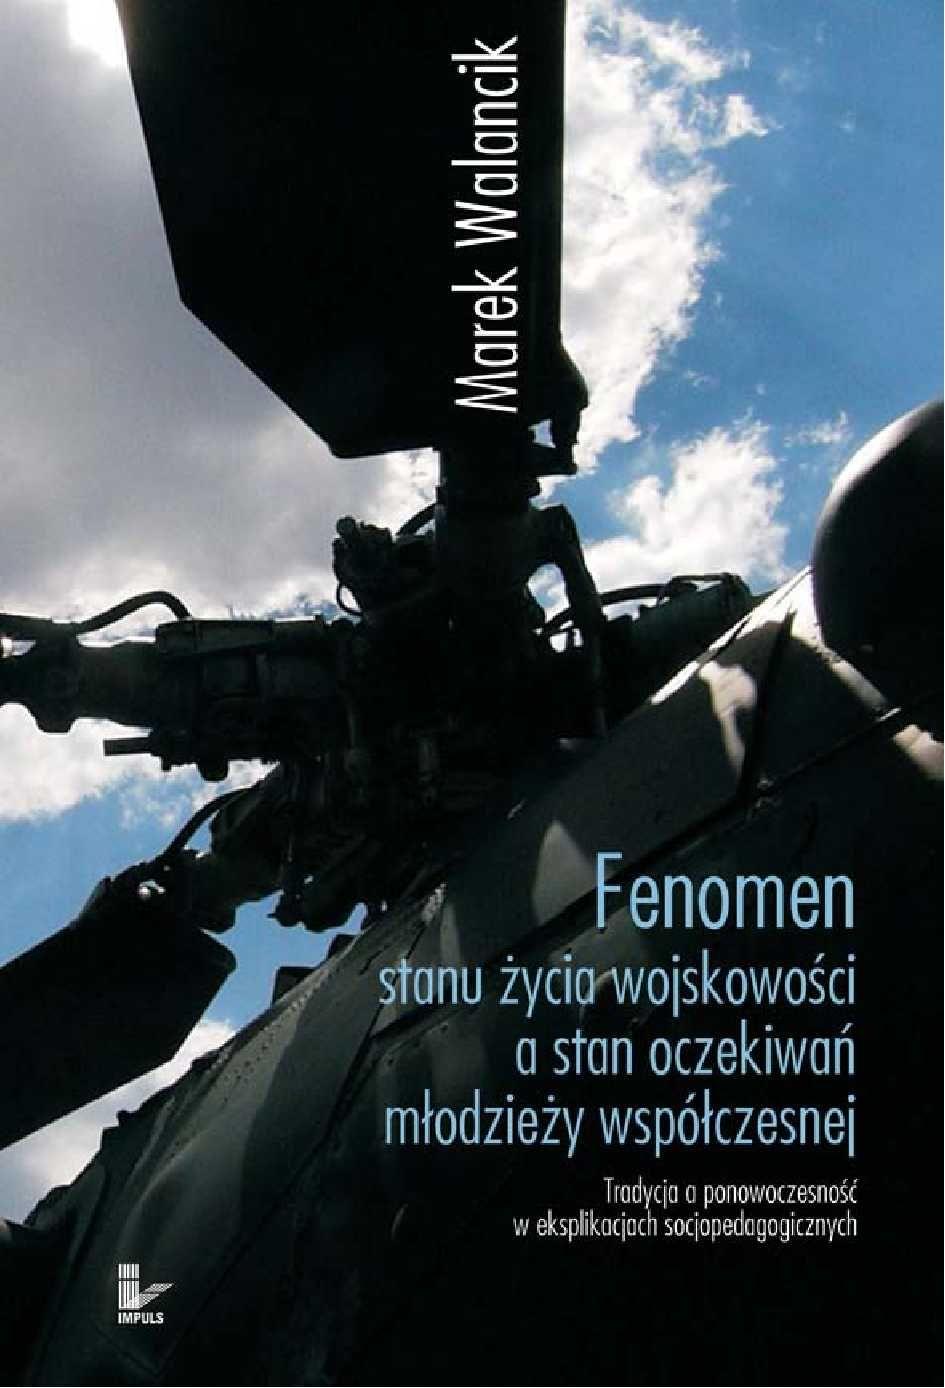 Fenomen stanu życia wojskowości a stan oczekiwań młodzieży współczesnej - Ebook (Książka PDF) do pobrania w formacie PDF